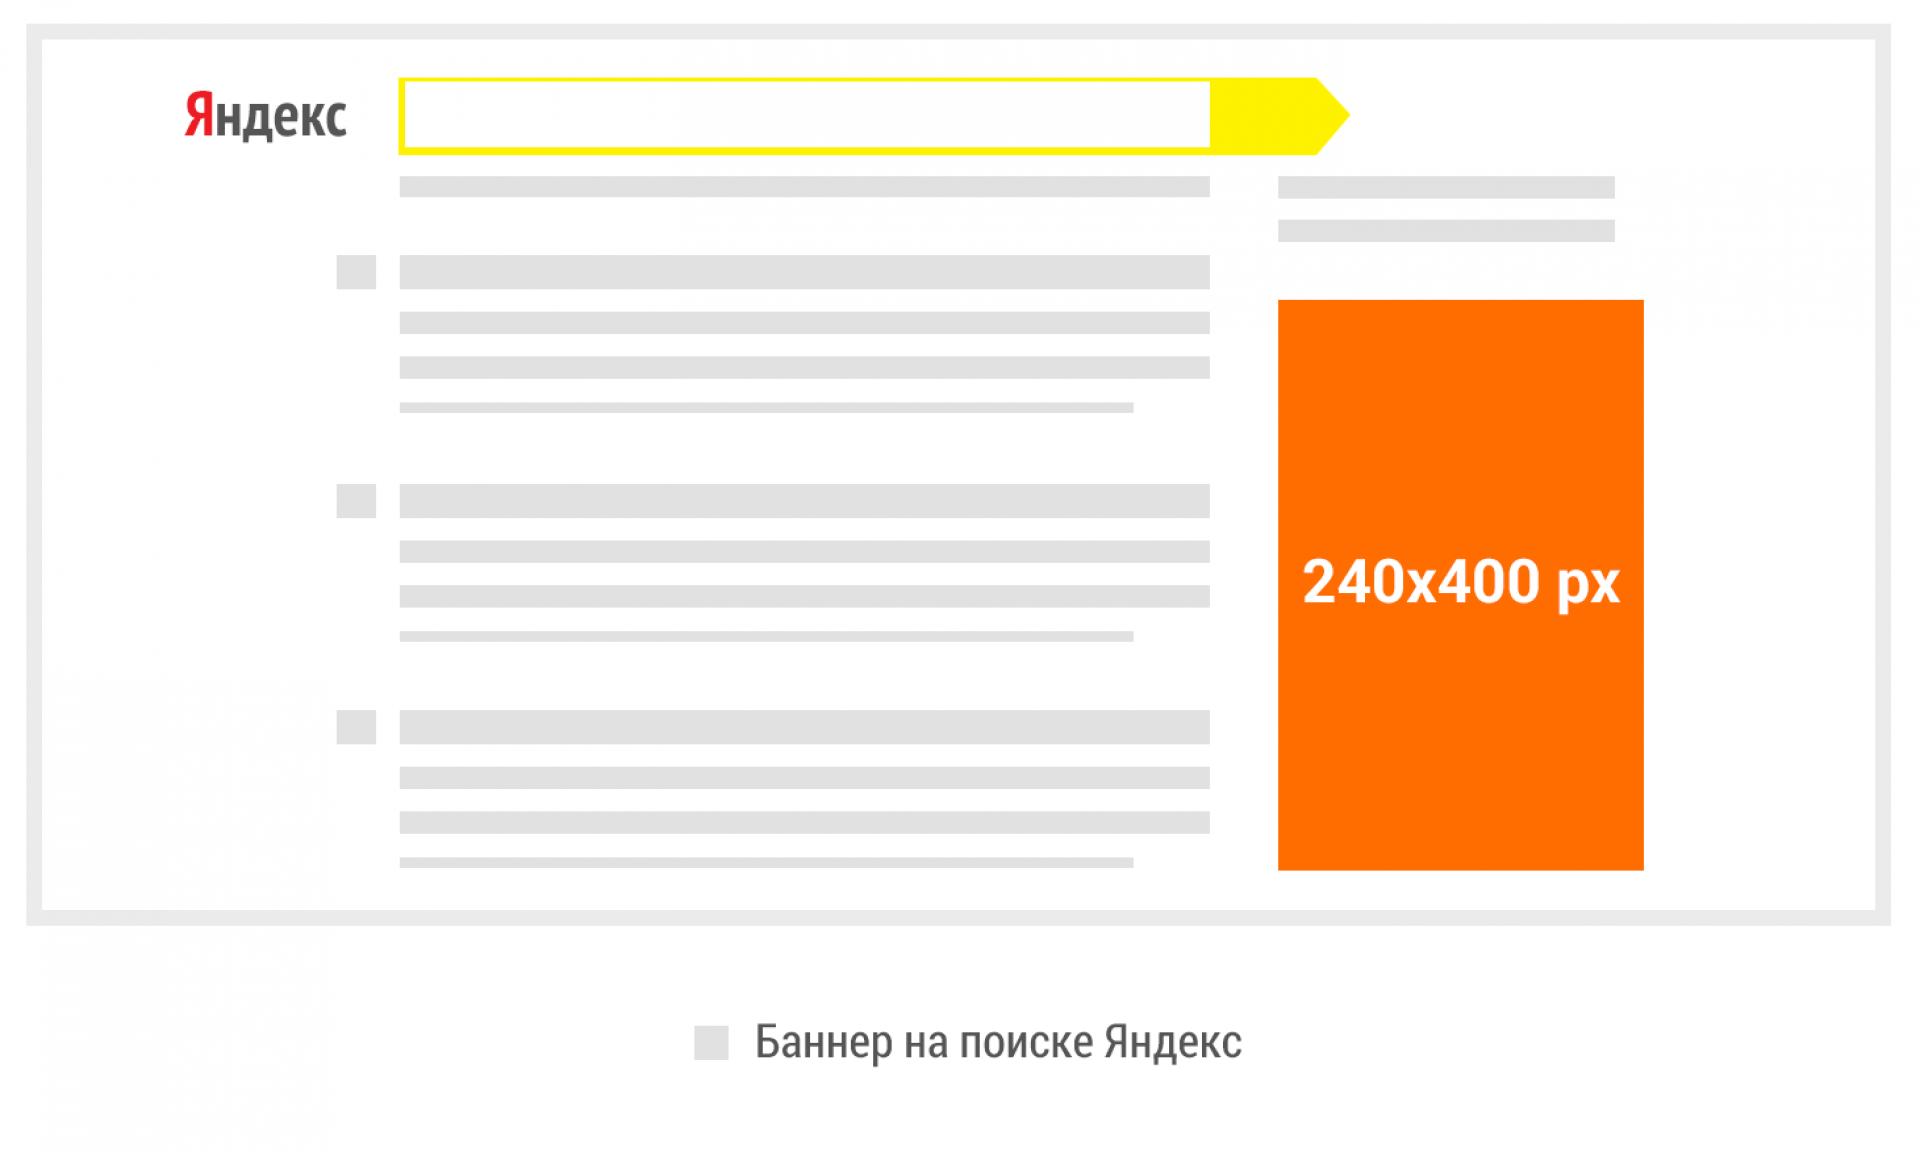 Размещение баннера на поиске Яндекс